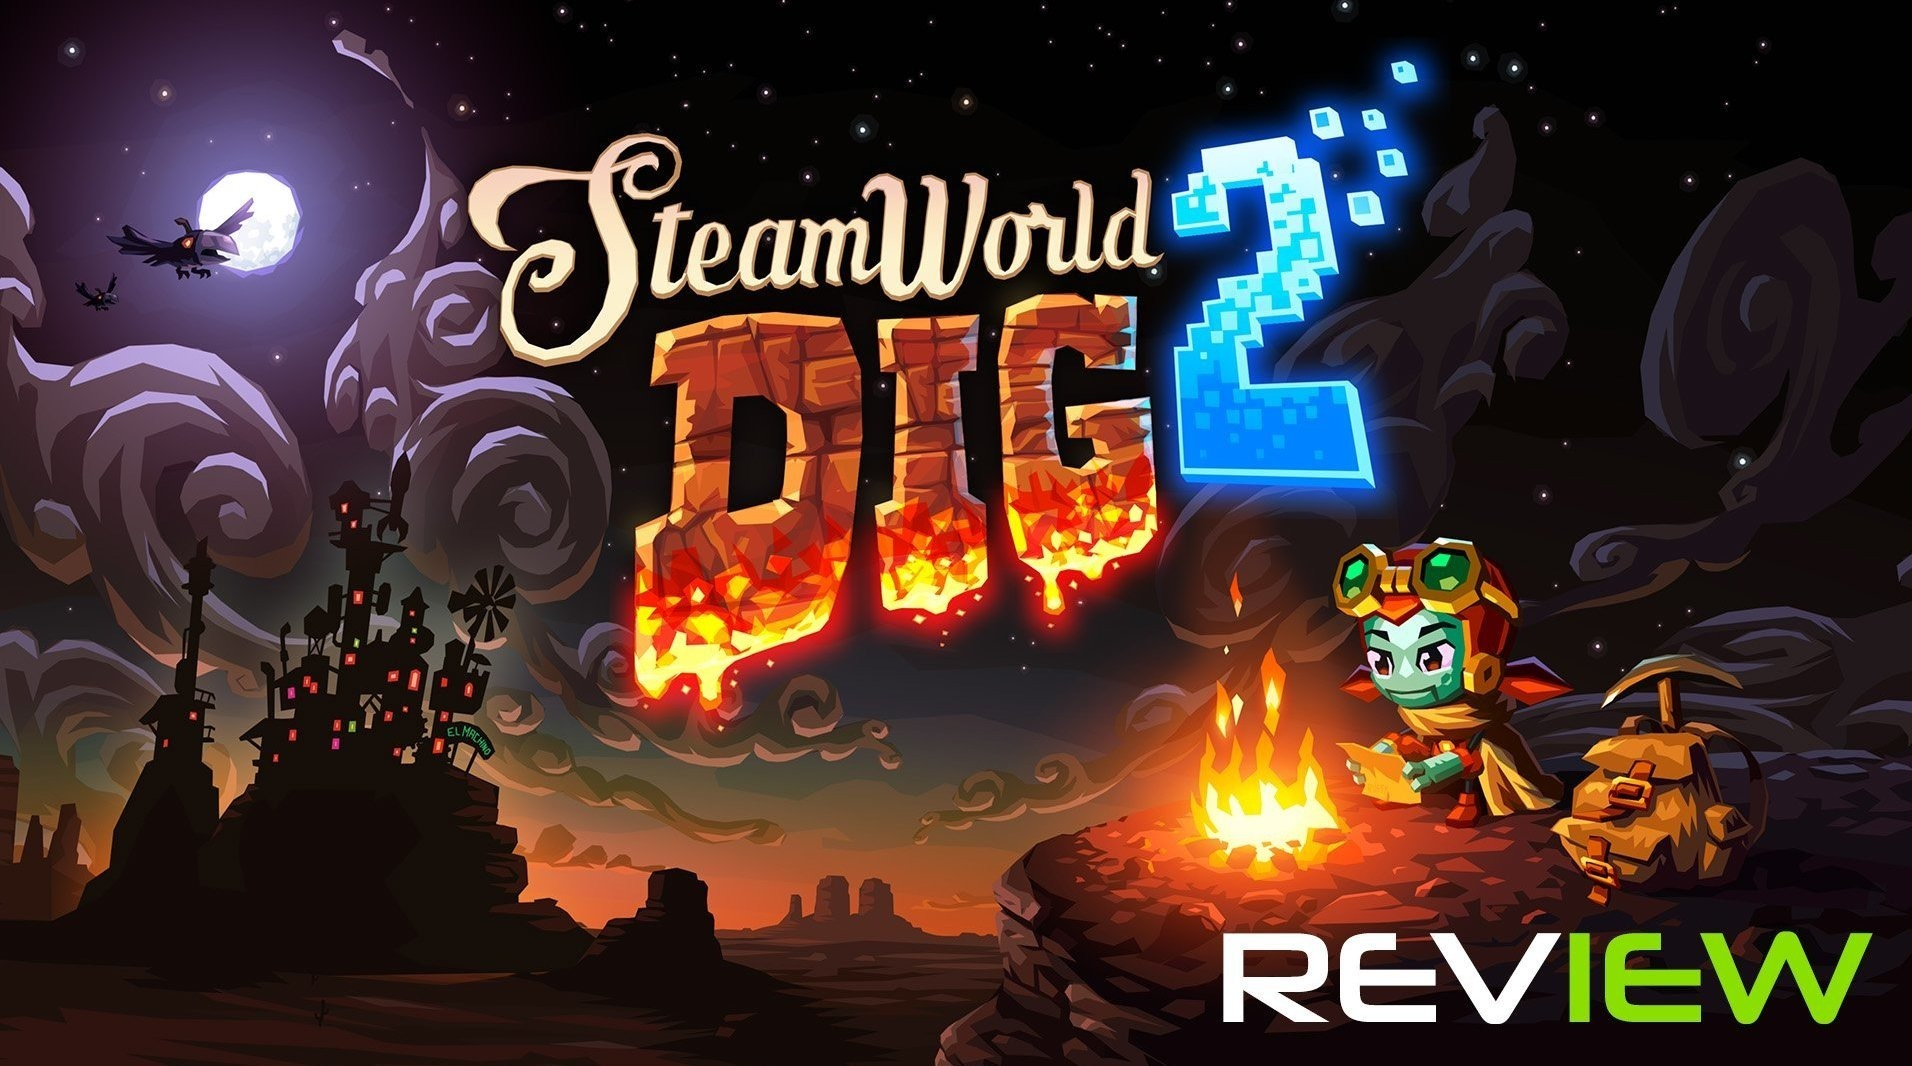 SteamWorld Dig 2 Review